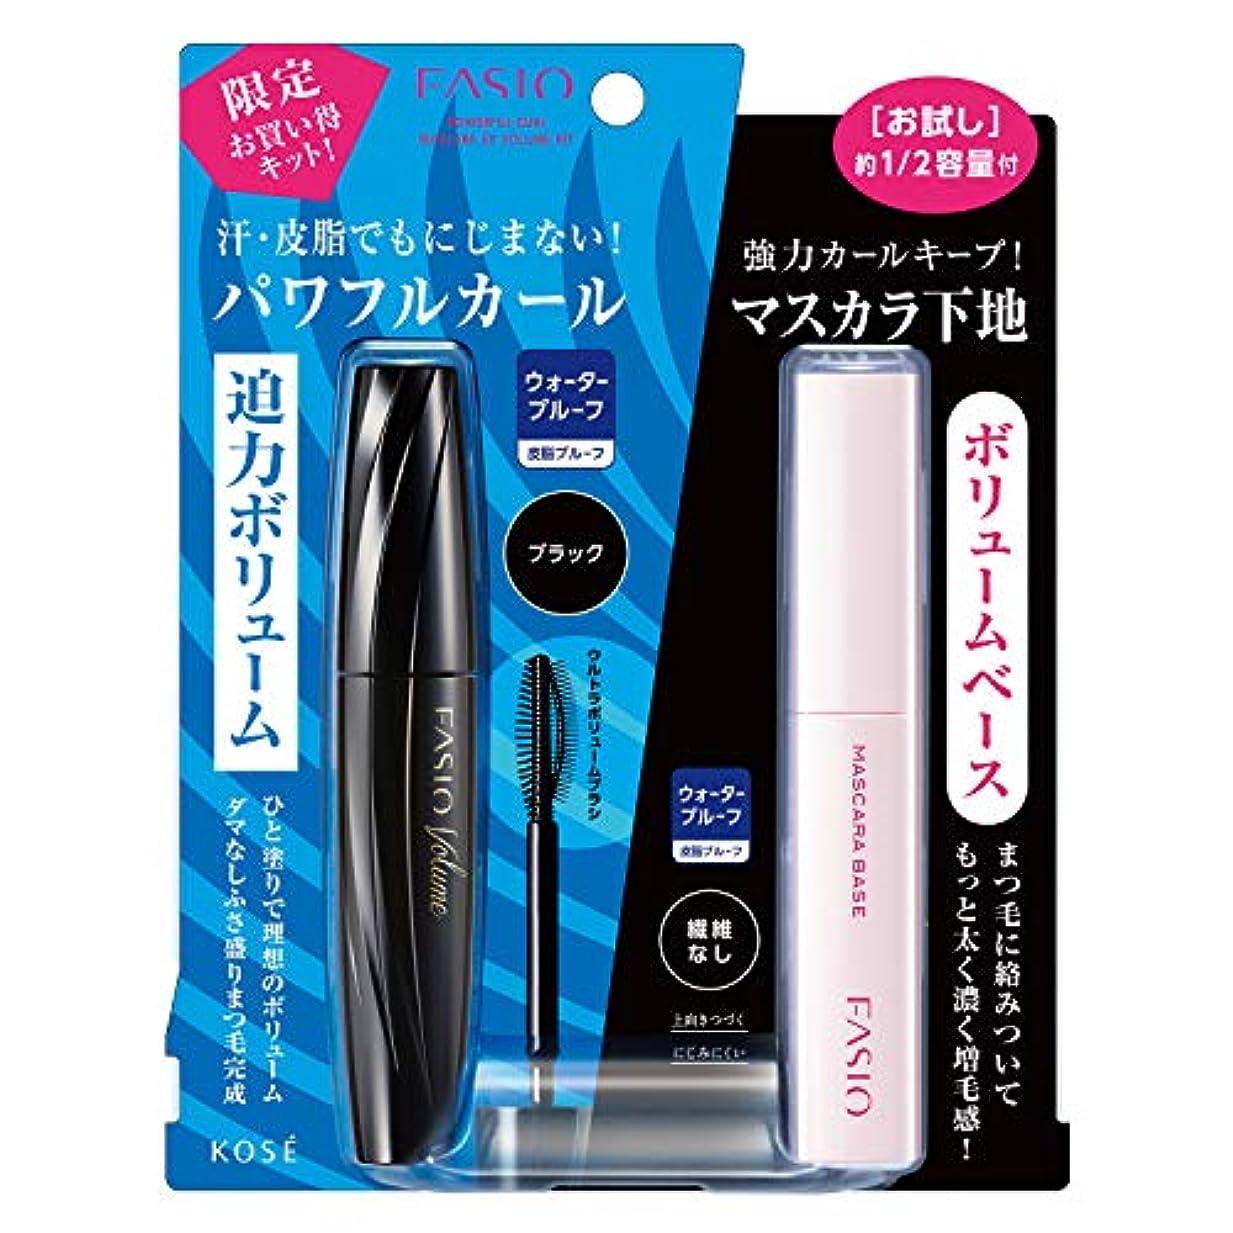 ファシオ パワフルカール マスカラ EX (ボリューム) キット BK001 ブラック